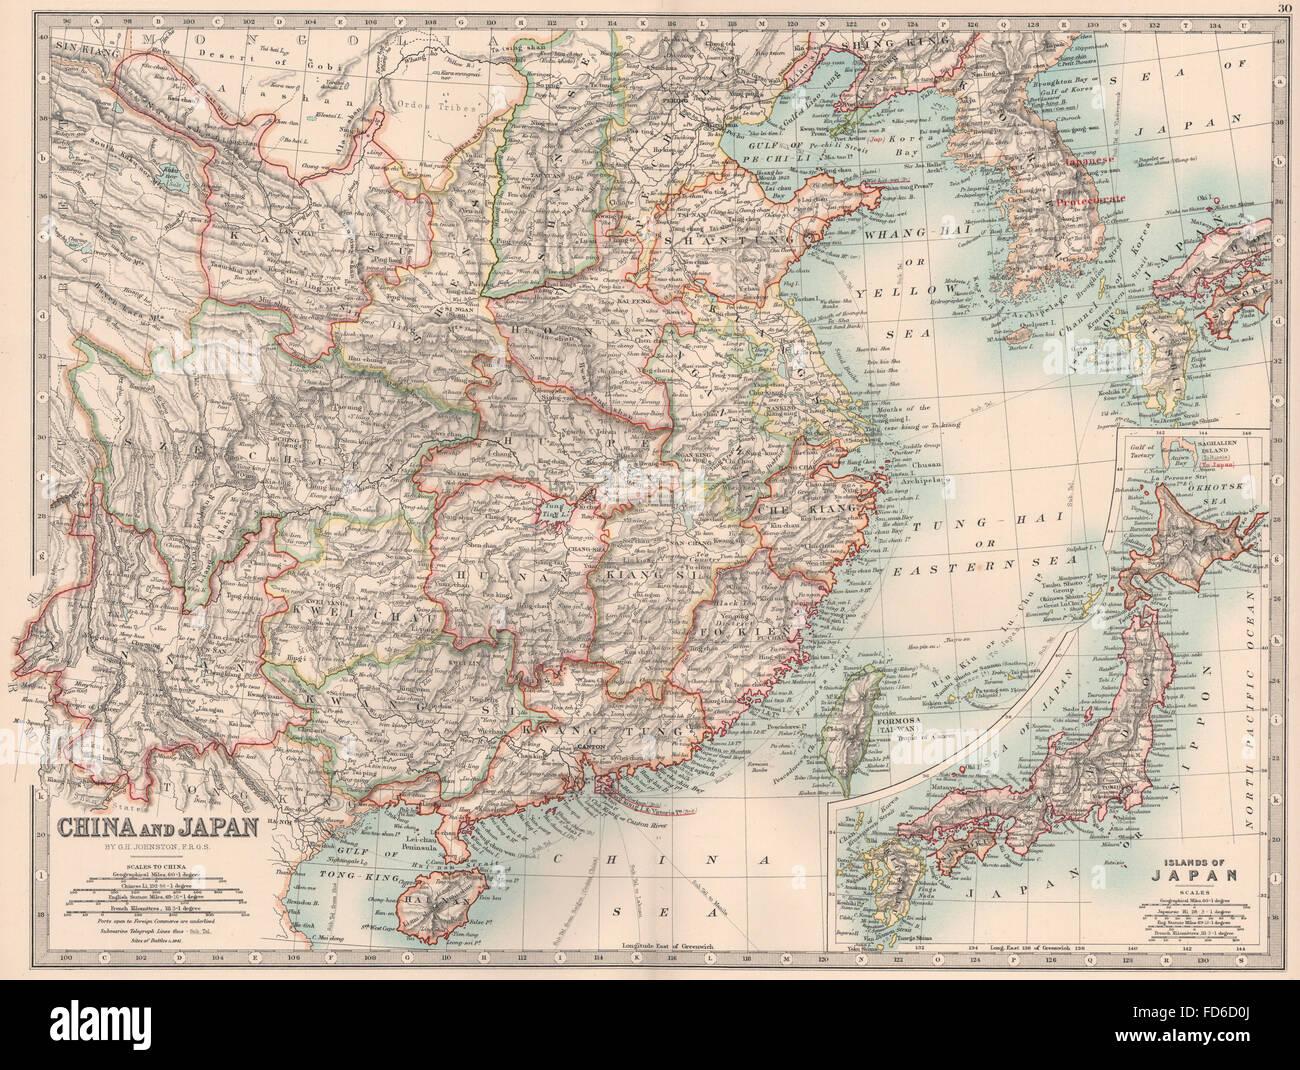 Map Maps Asia Japan China Stock Photos Map Maps Asia Japan China